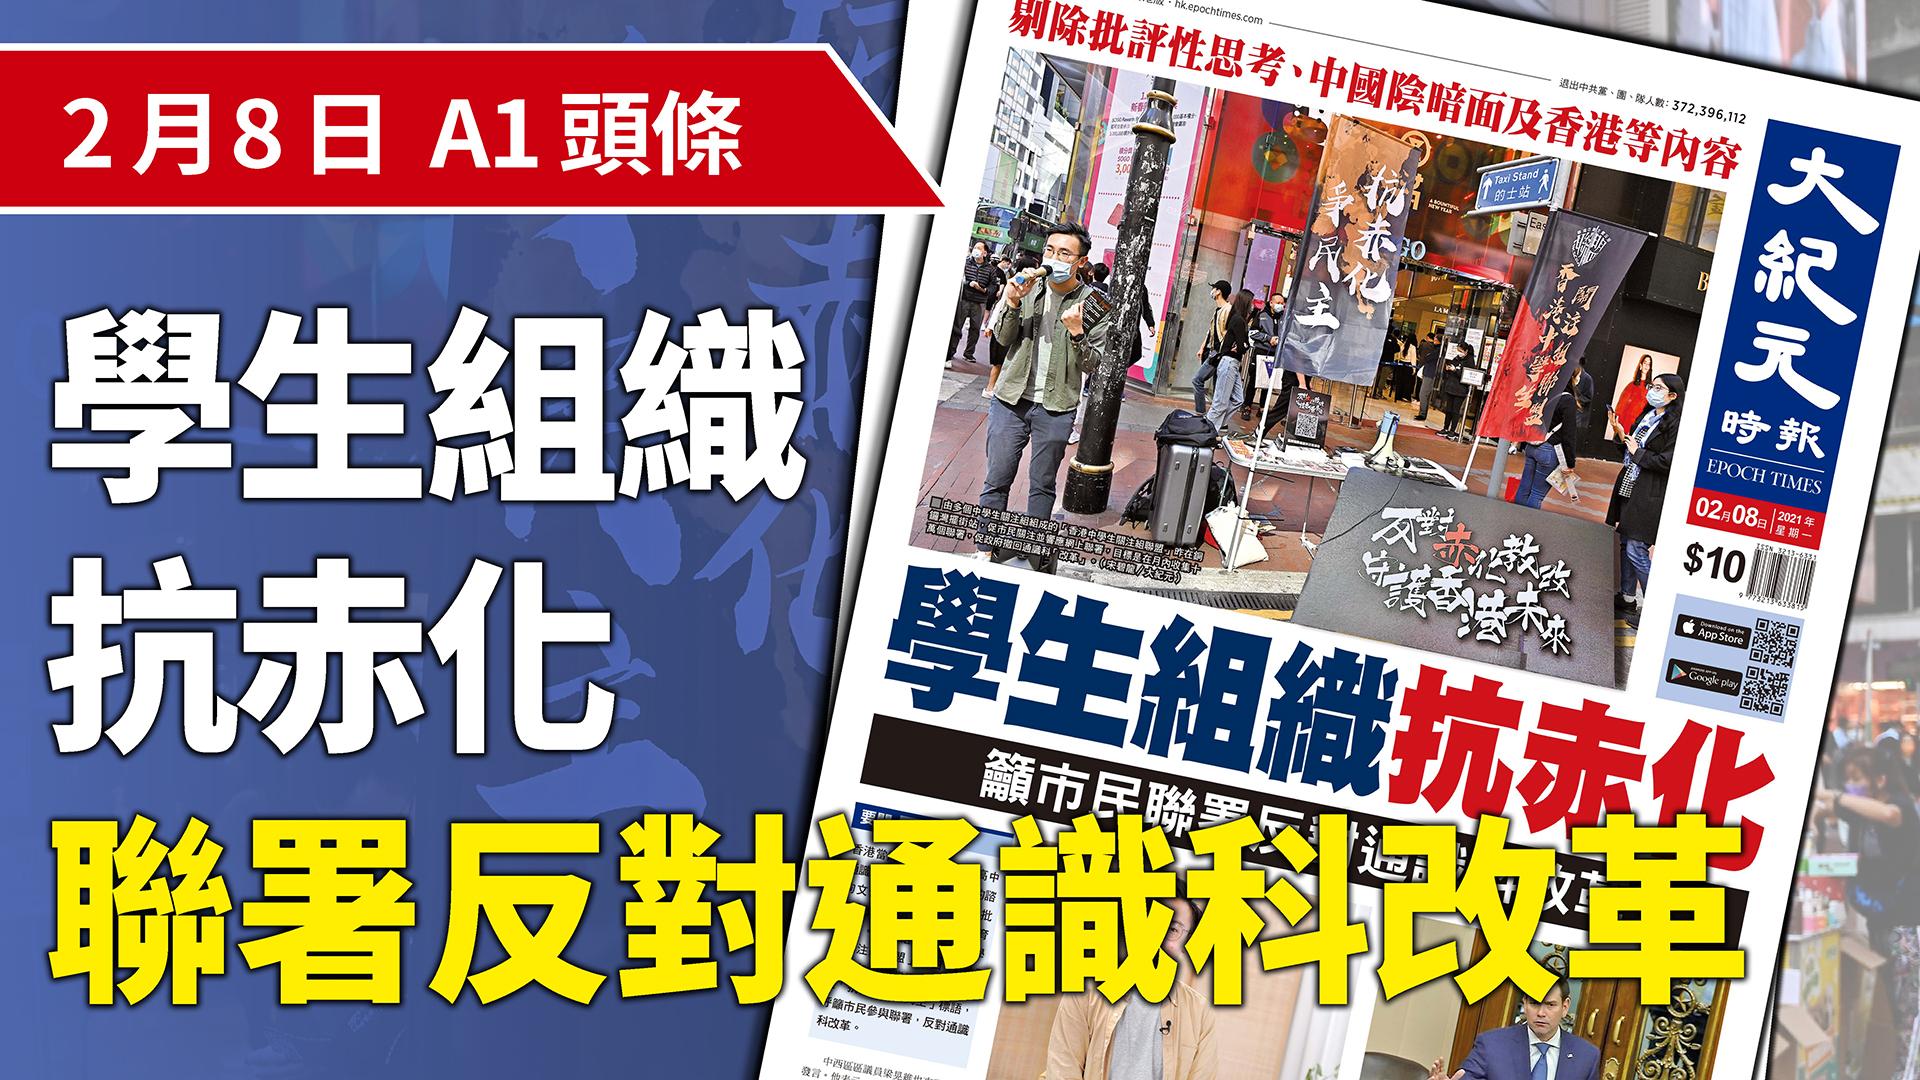 由多個中學生關注組組成的「香港中學生關注組聯盟」昨在銅鑼灣擺街站,促市民關注並響應網上聯署,目標是在月內收集十萬個聯署,促政府撤回通識科「改革」。(宋碧龍/大紀元)